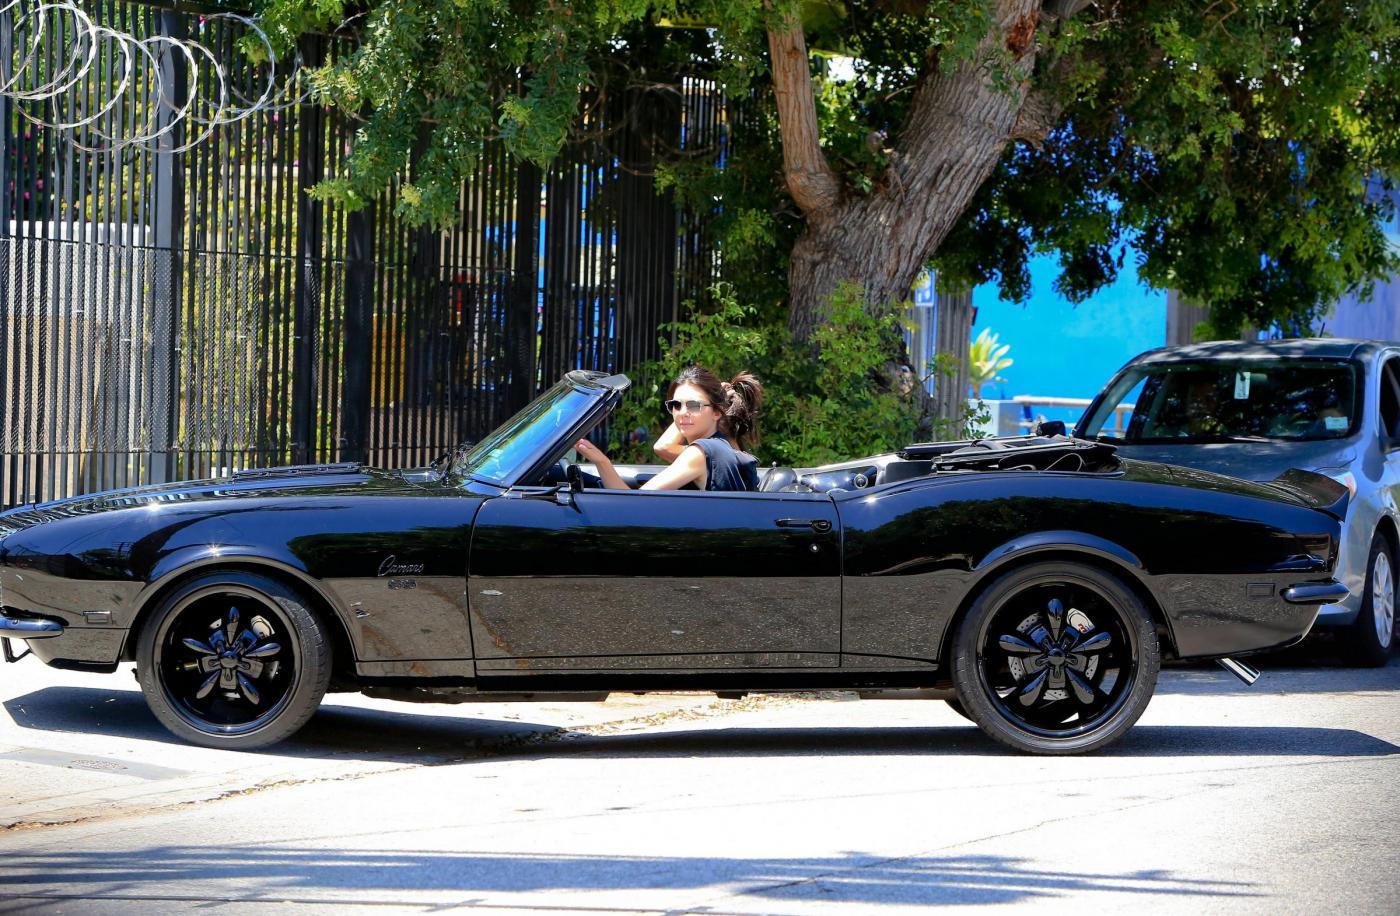 Kendall Jenner, addio finesse: alza dito medio ai paparazzi FOTO 4